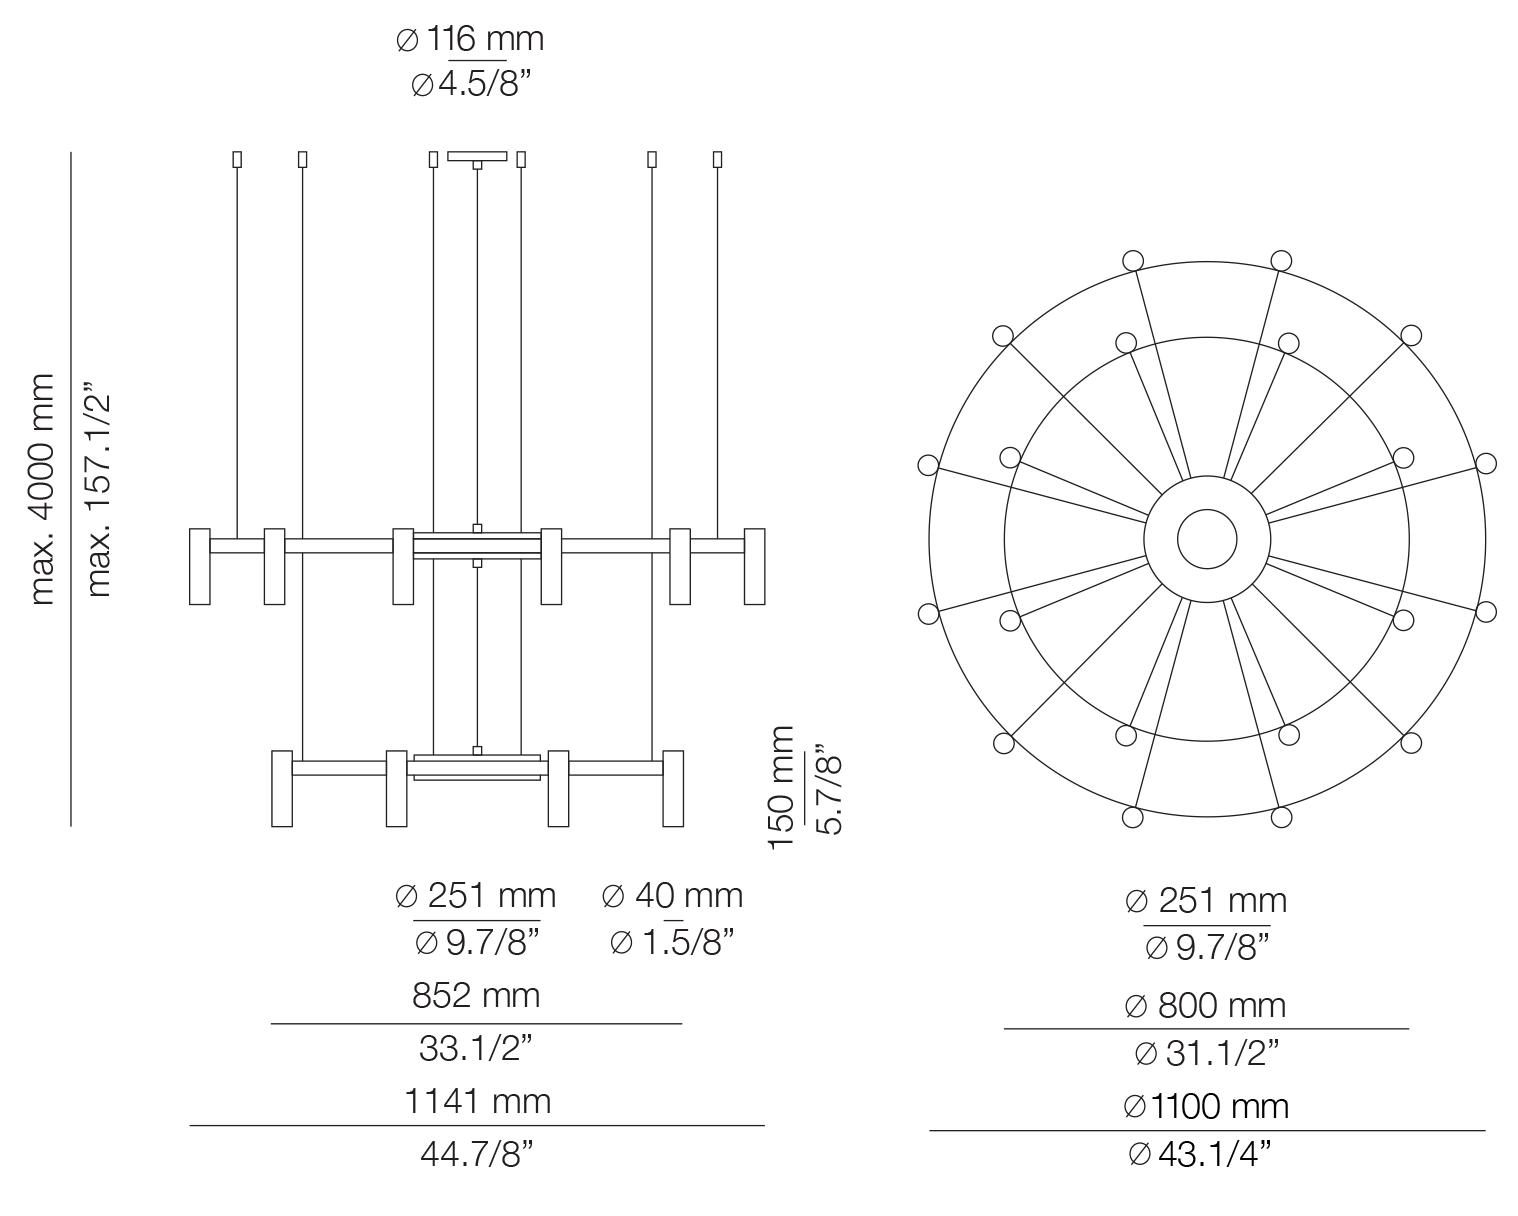 R11.1S1M